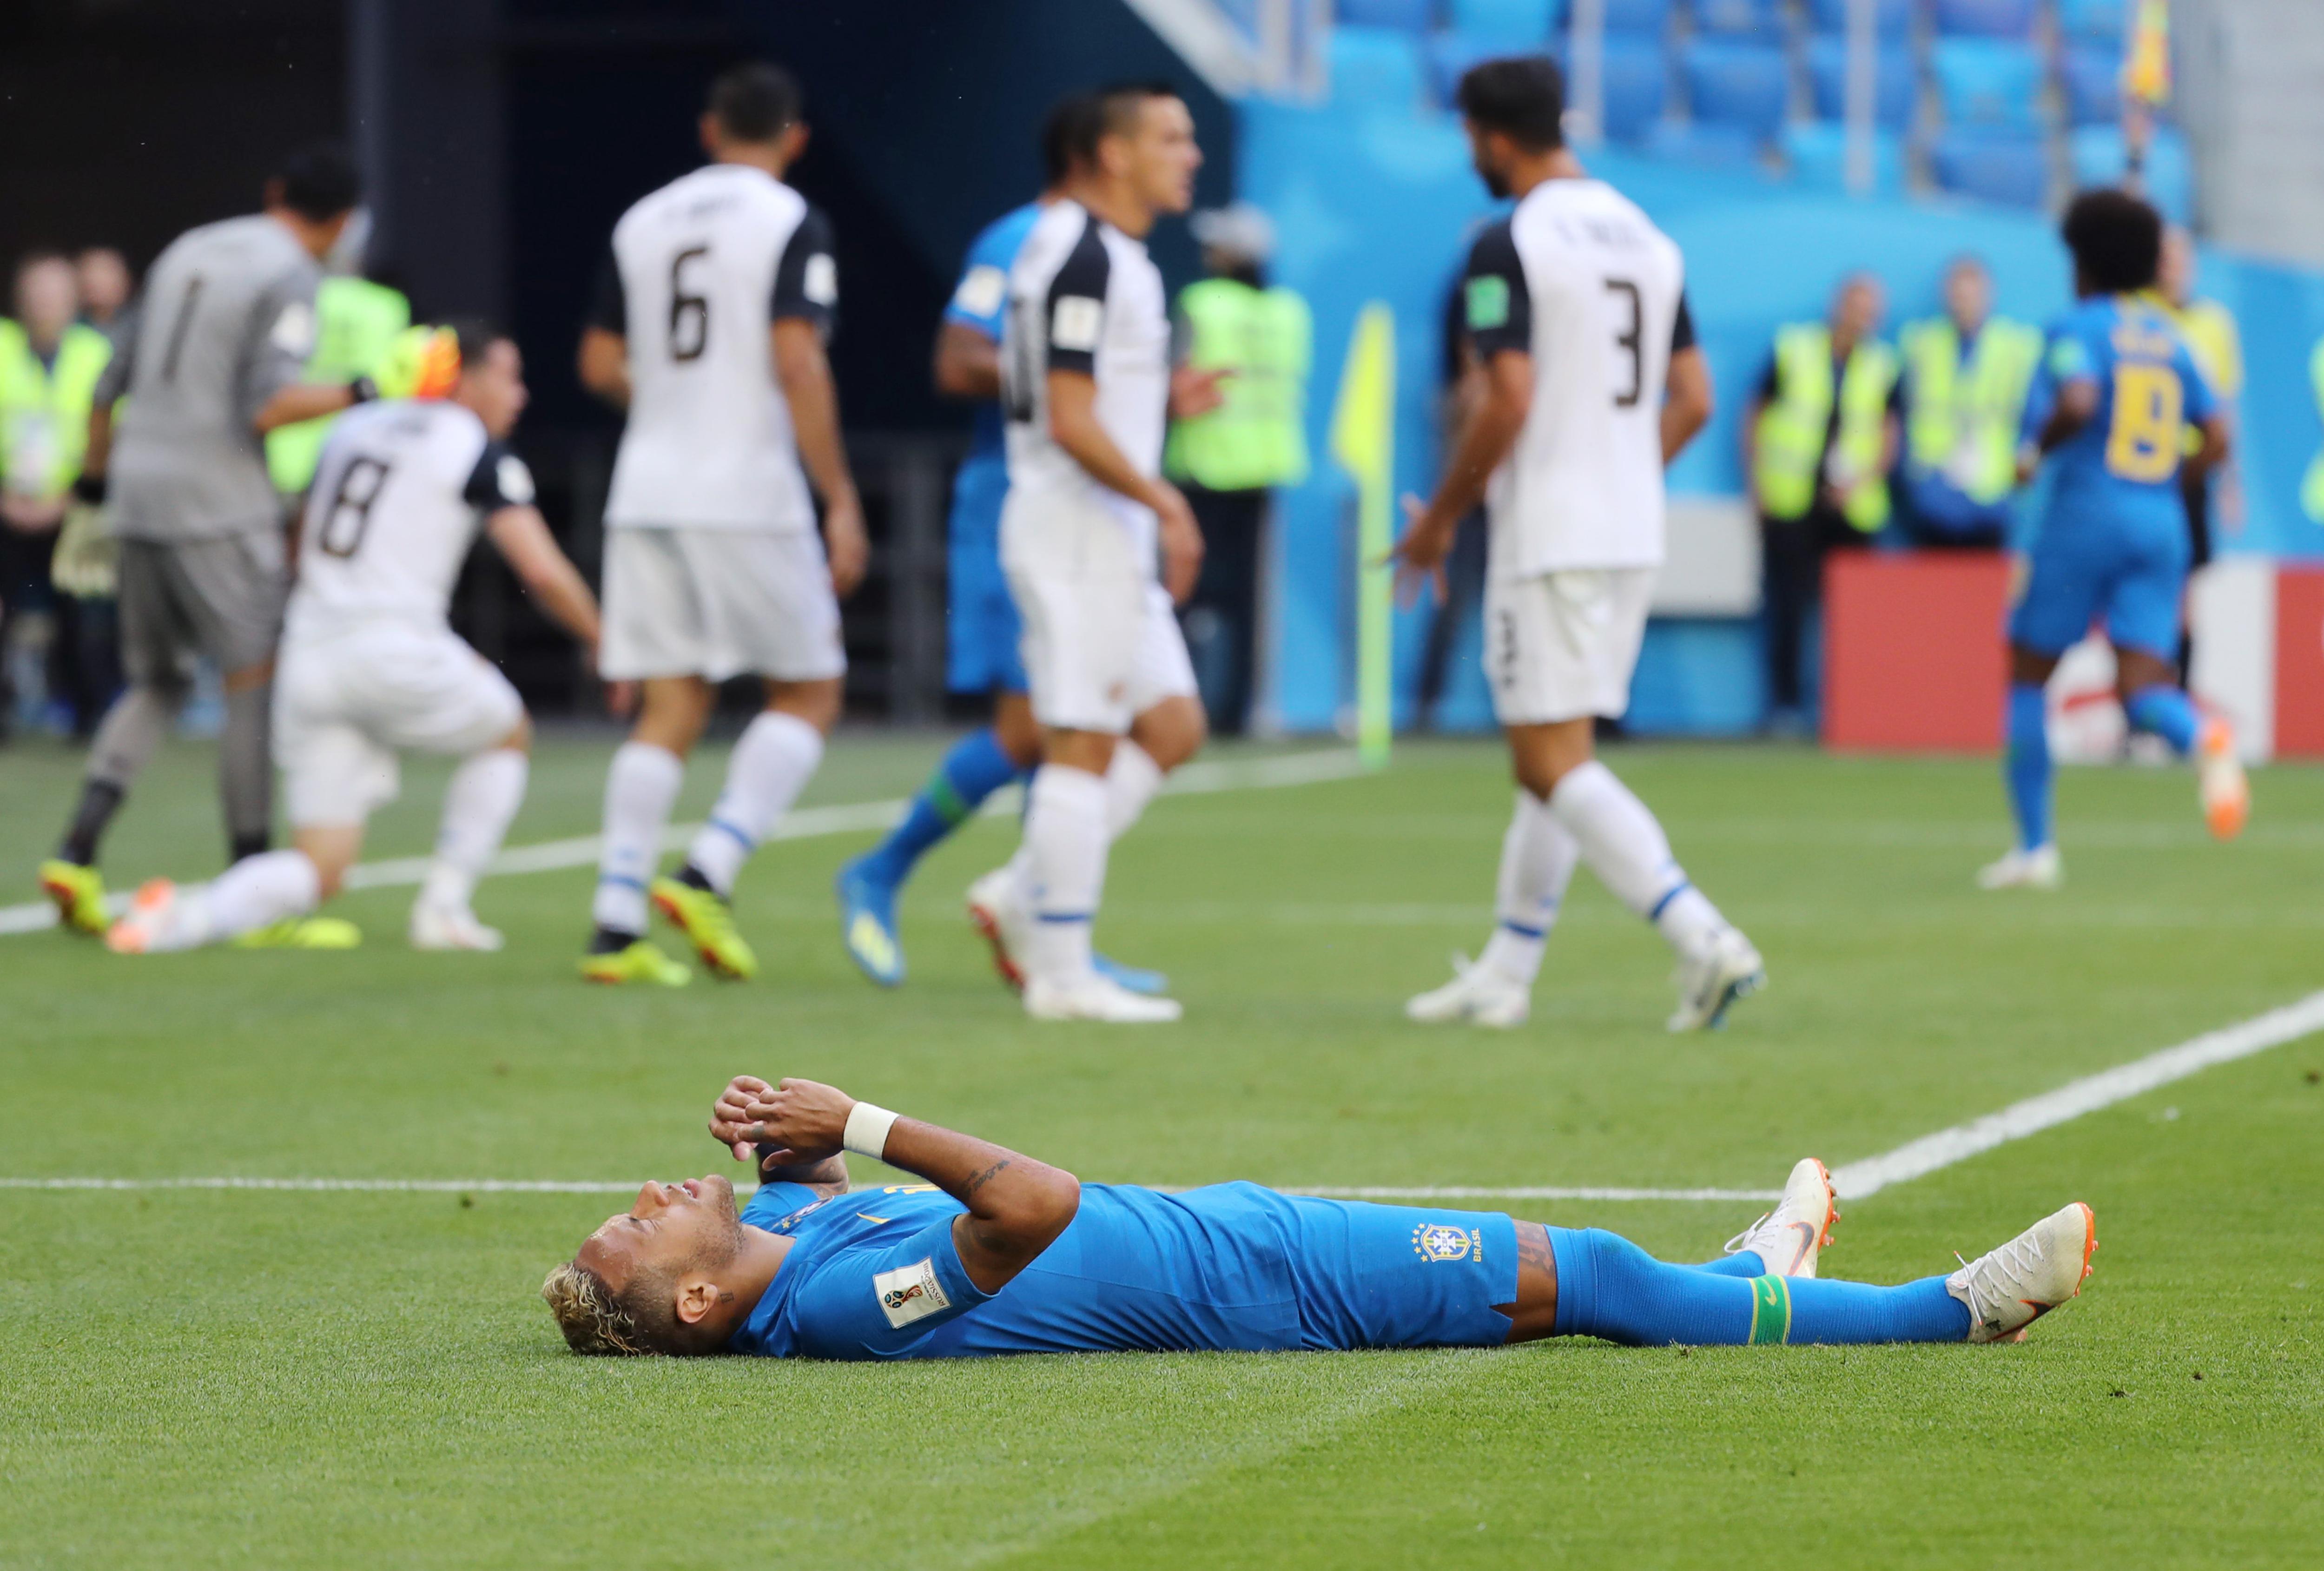 Ennél jobb nem történhetett a modern futballal: a hatalmasat kamuzó Neymart legyőzte a videóbíró